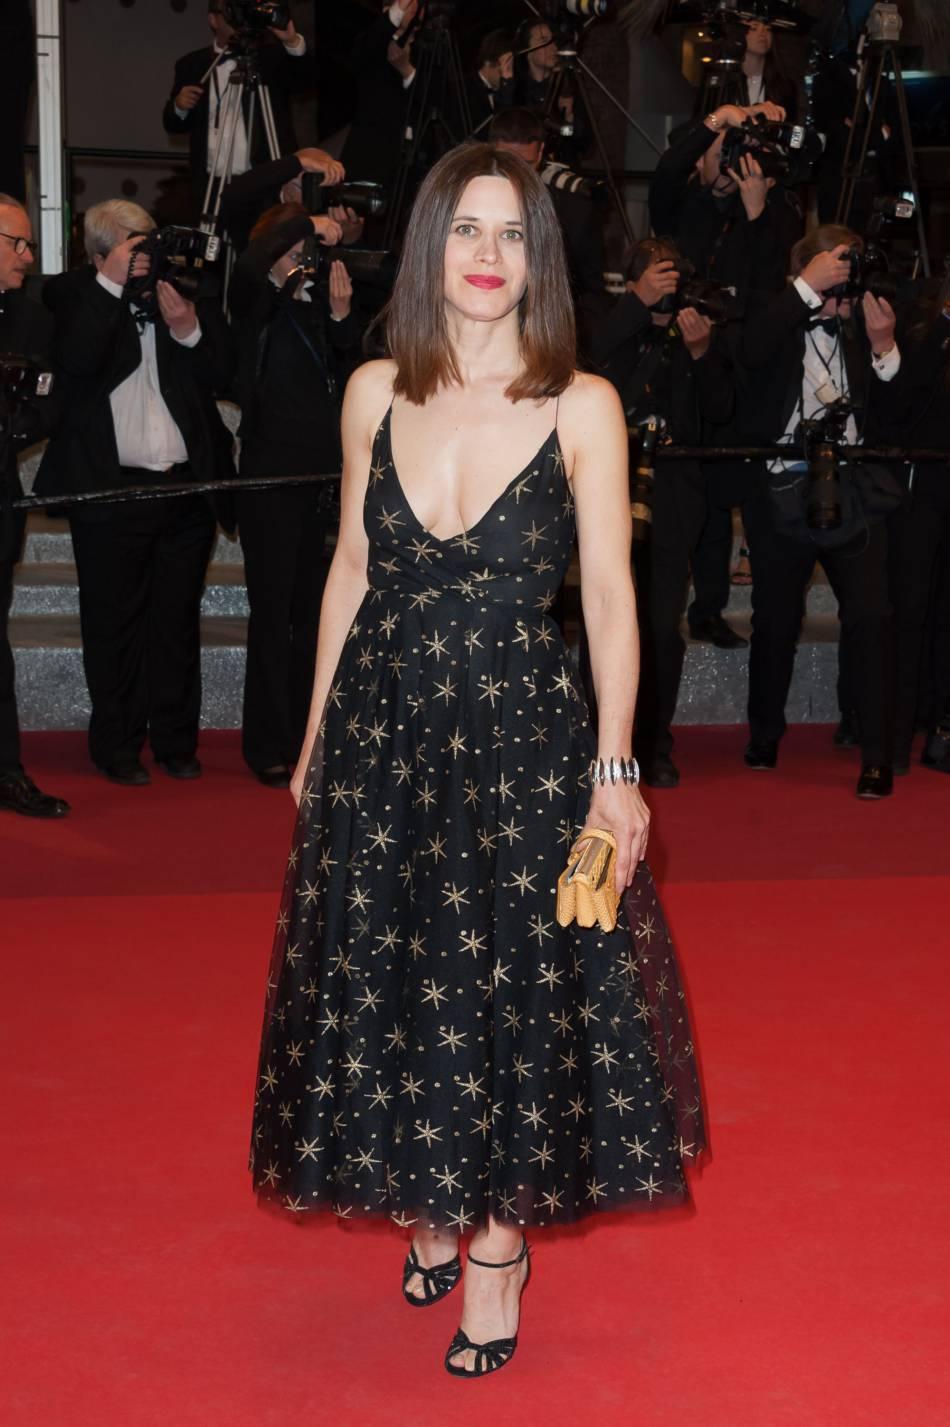 L'actrice Italienne Valentina Cervi misait sur une robe étoilée et décolleté affolant.